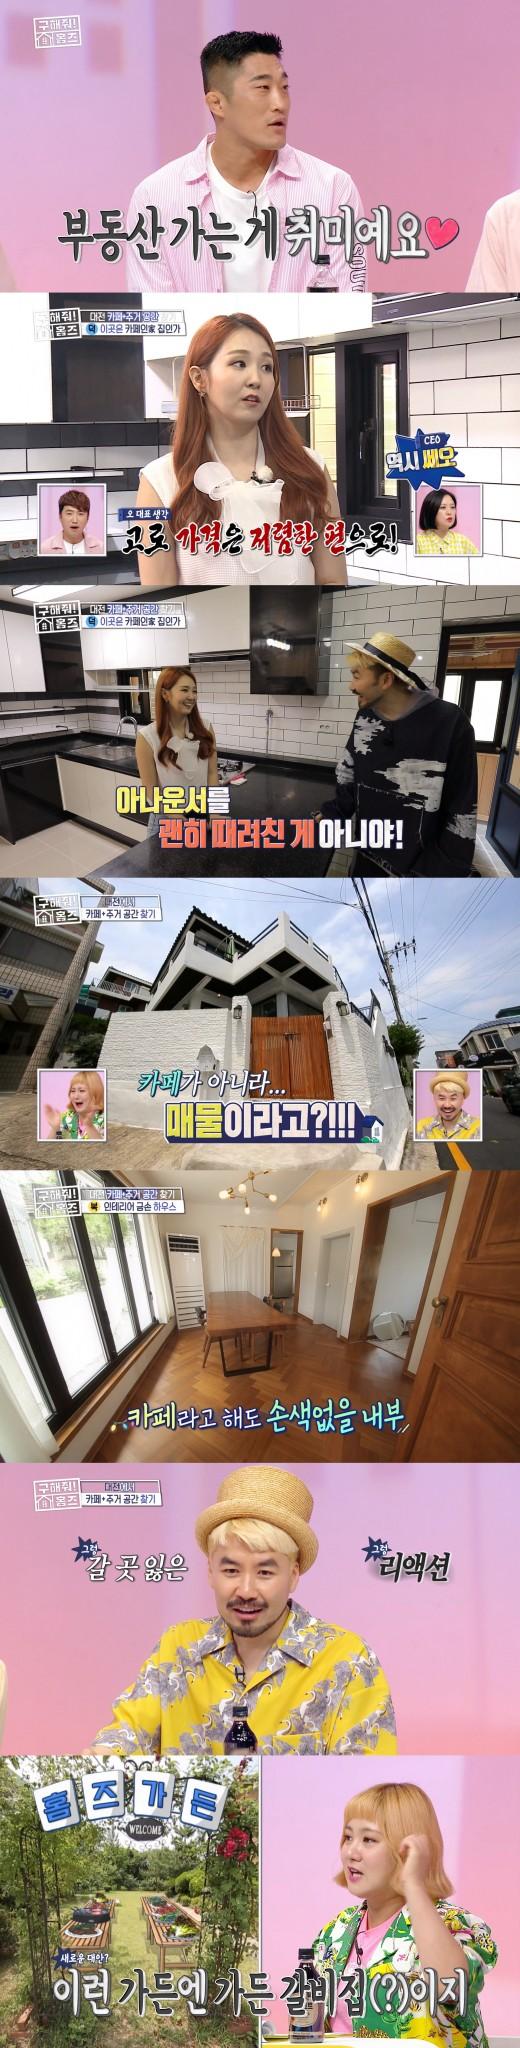 '구해줘! 홈즈', 주말 예능 강자 등극…2049 시청률 '17주 연속 1위'